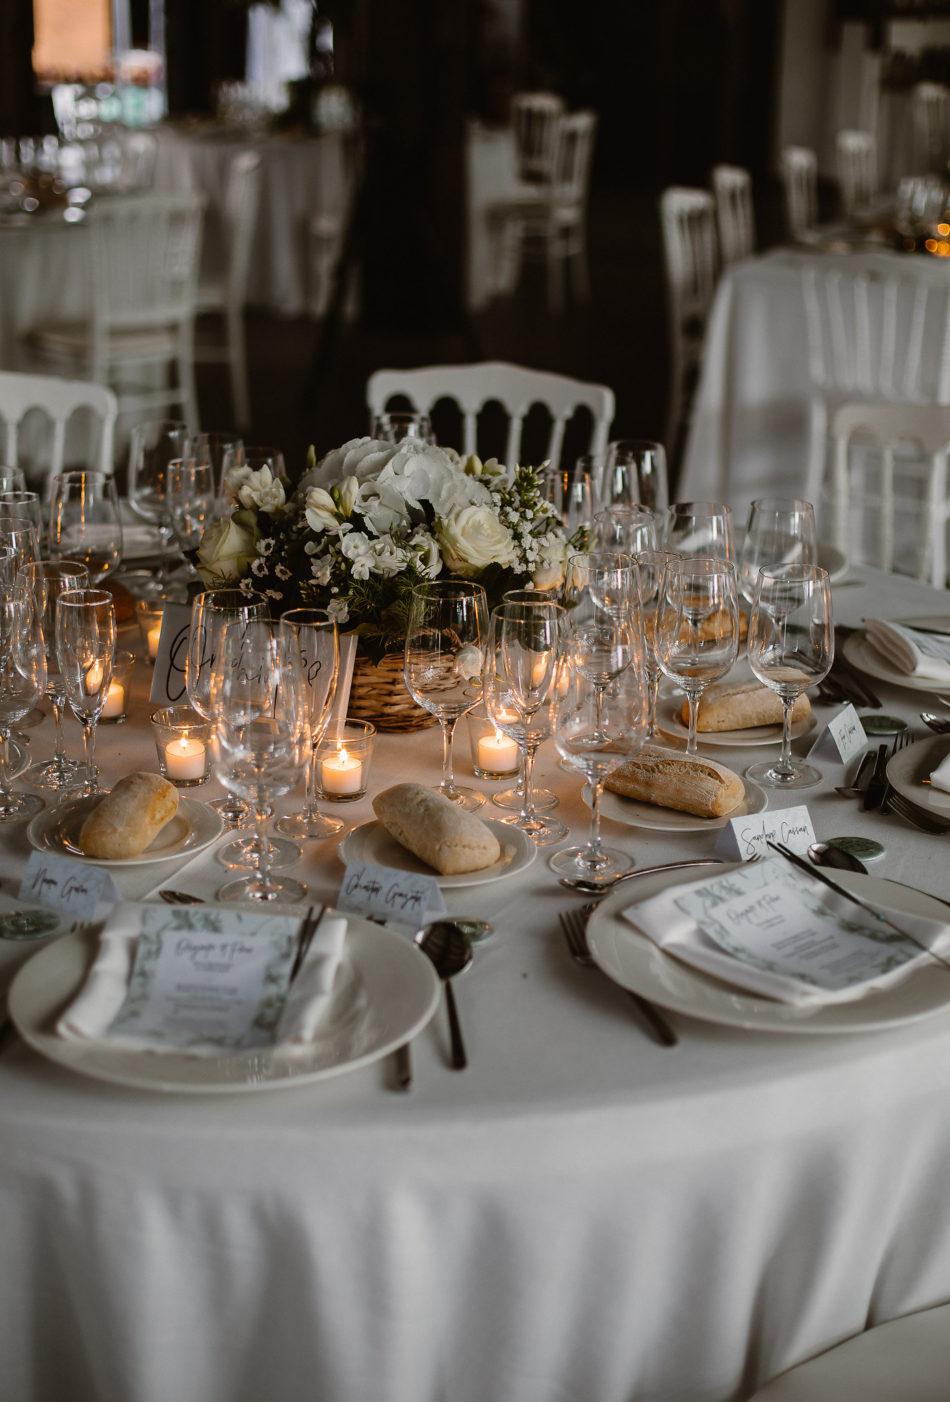 décoration de table chic et champetre